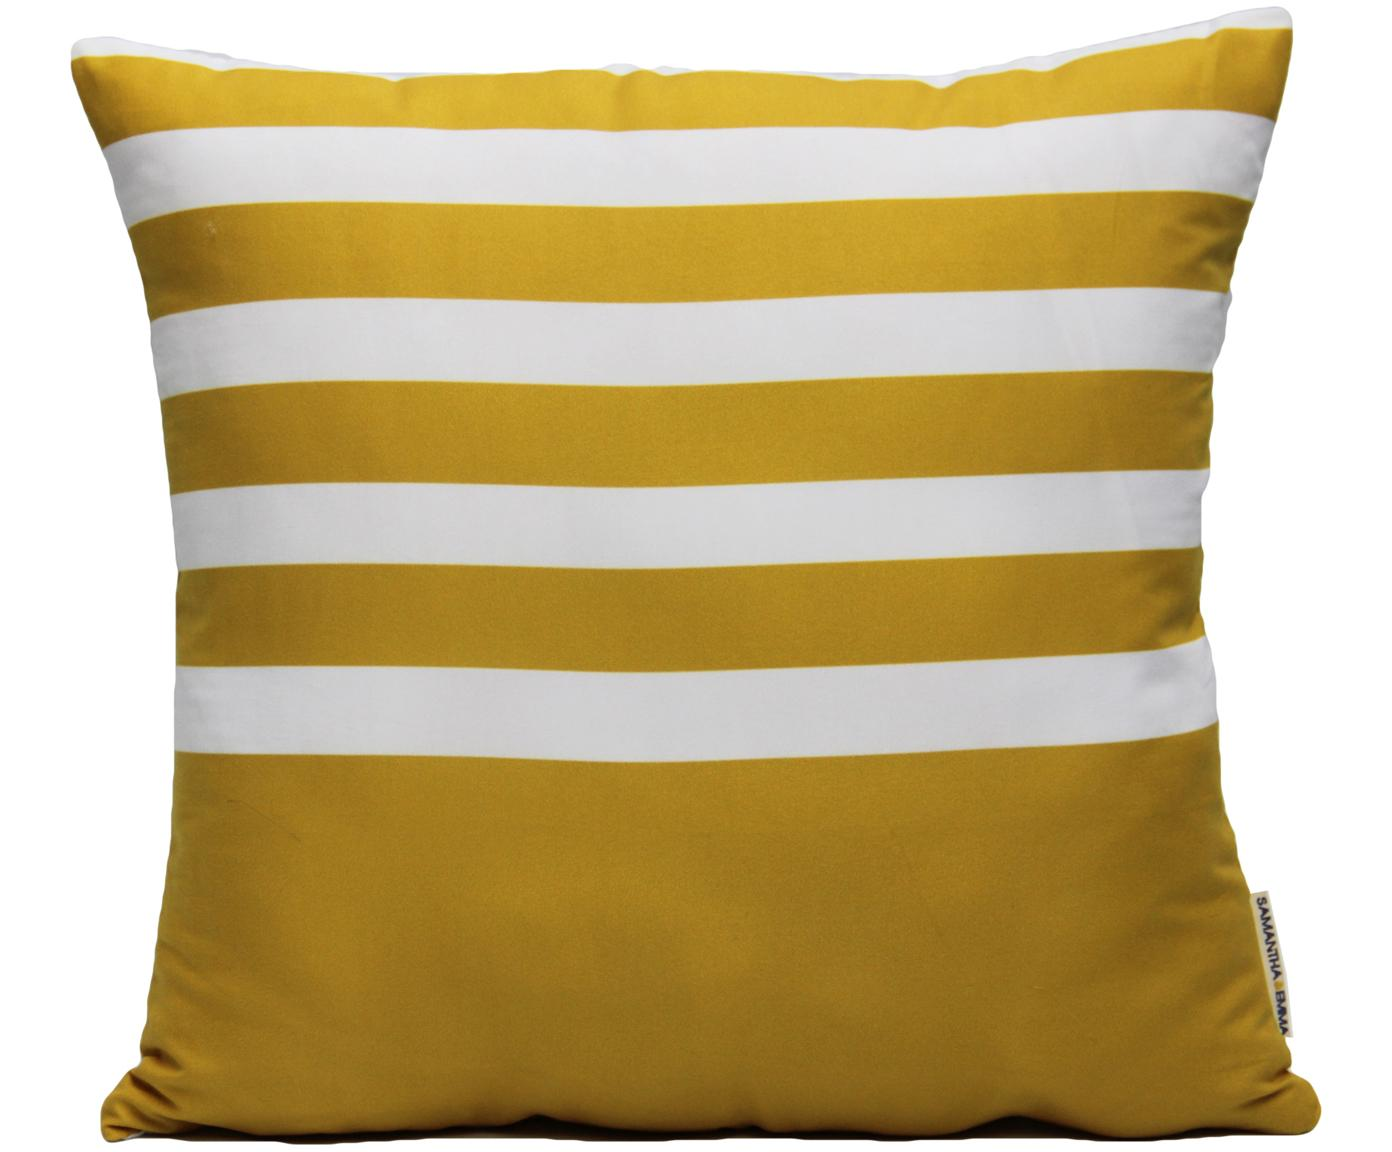 Poszewka na poduszkę Ela, Poliester, Biały, żółty, S 40 x D 40 cm